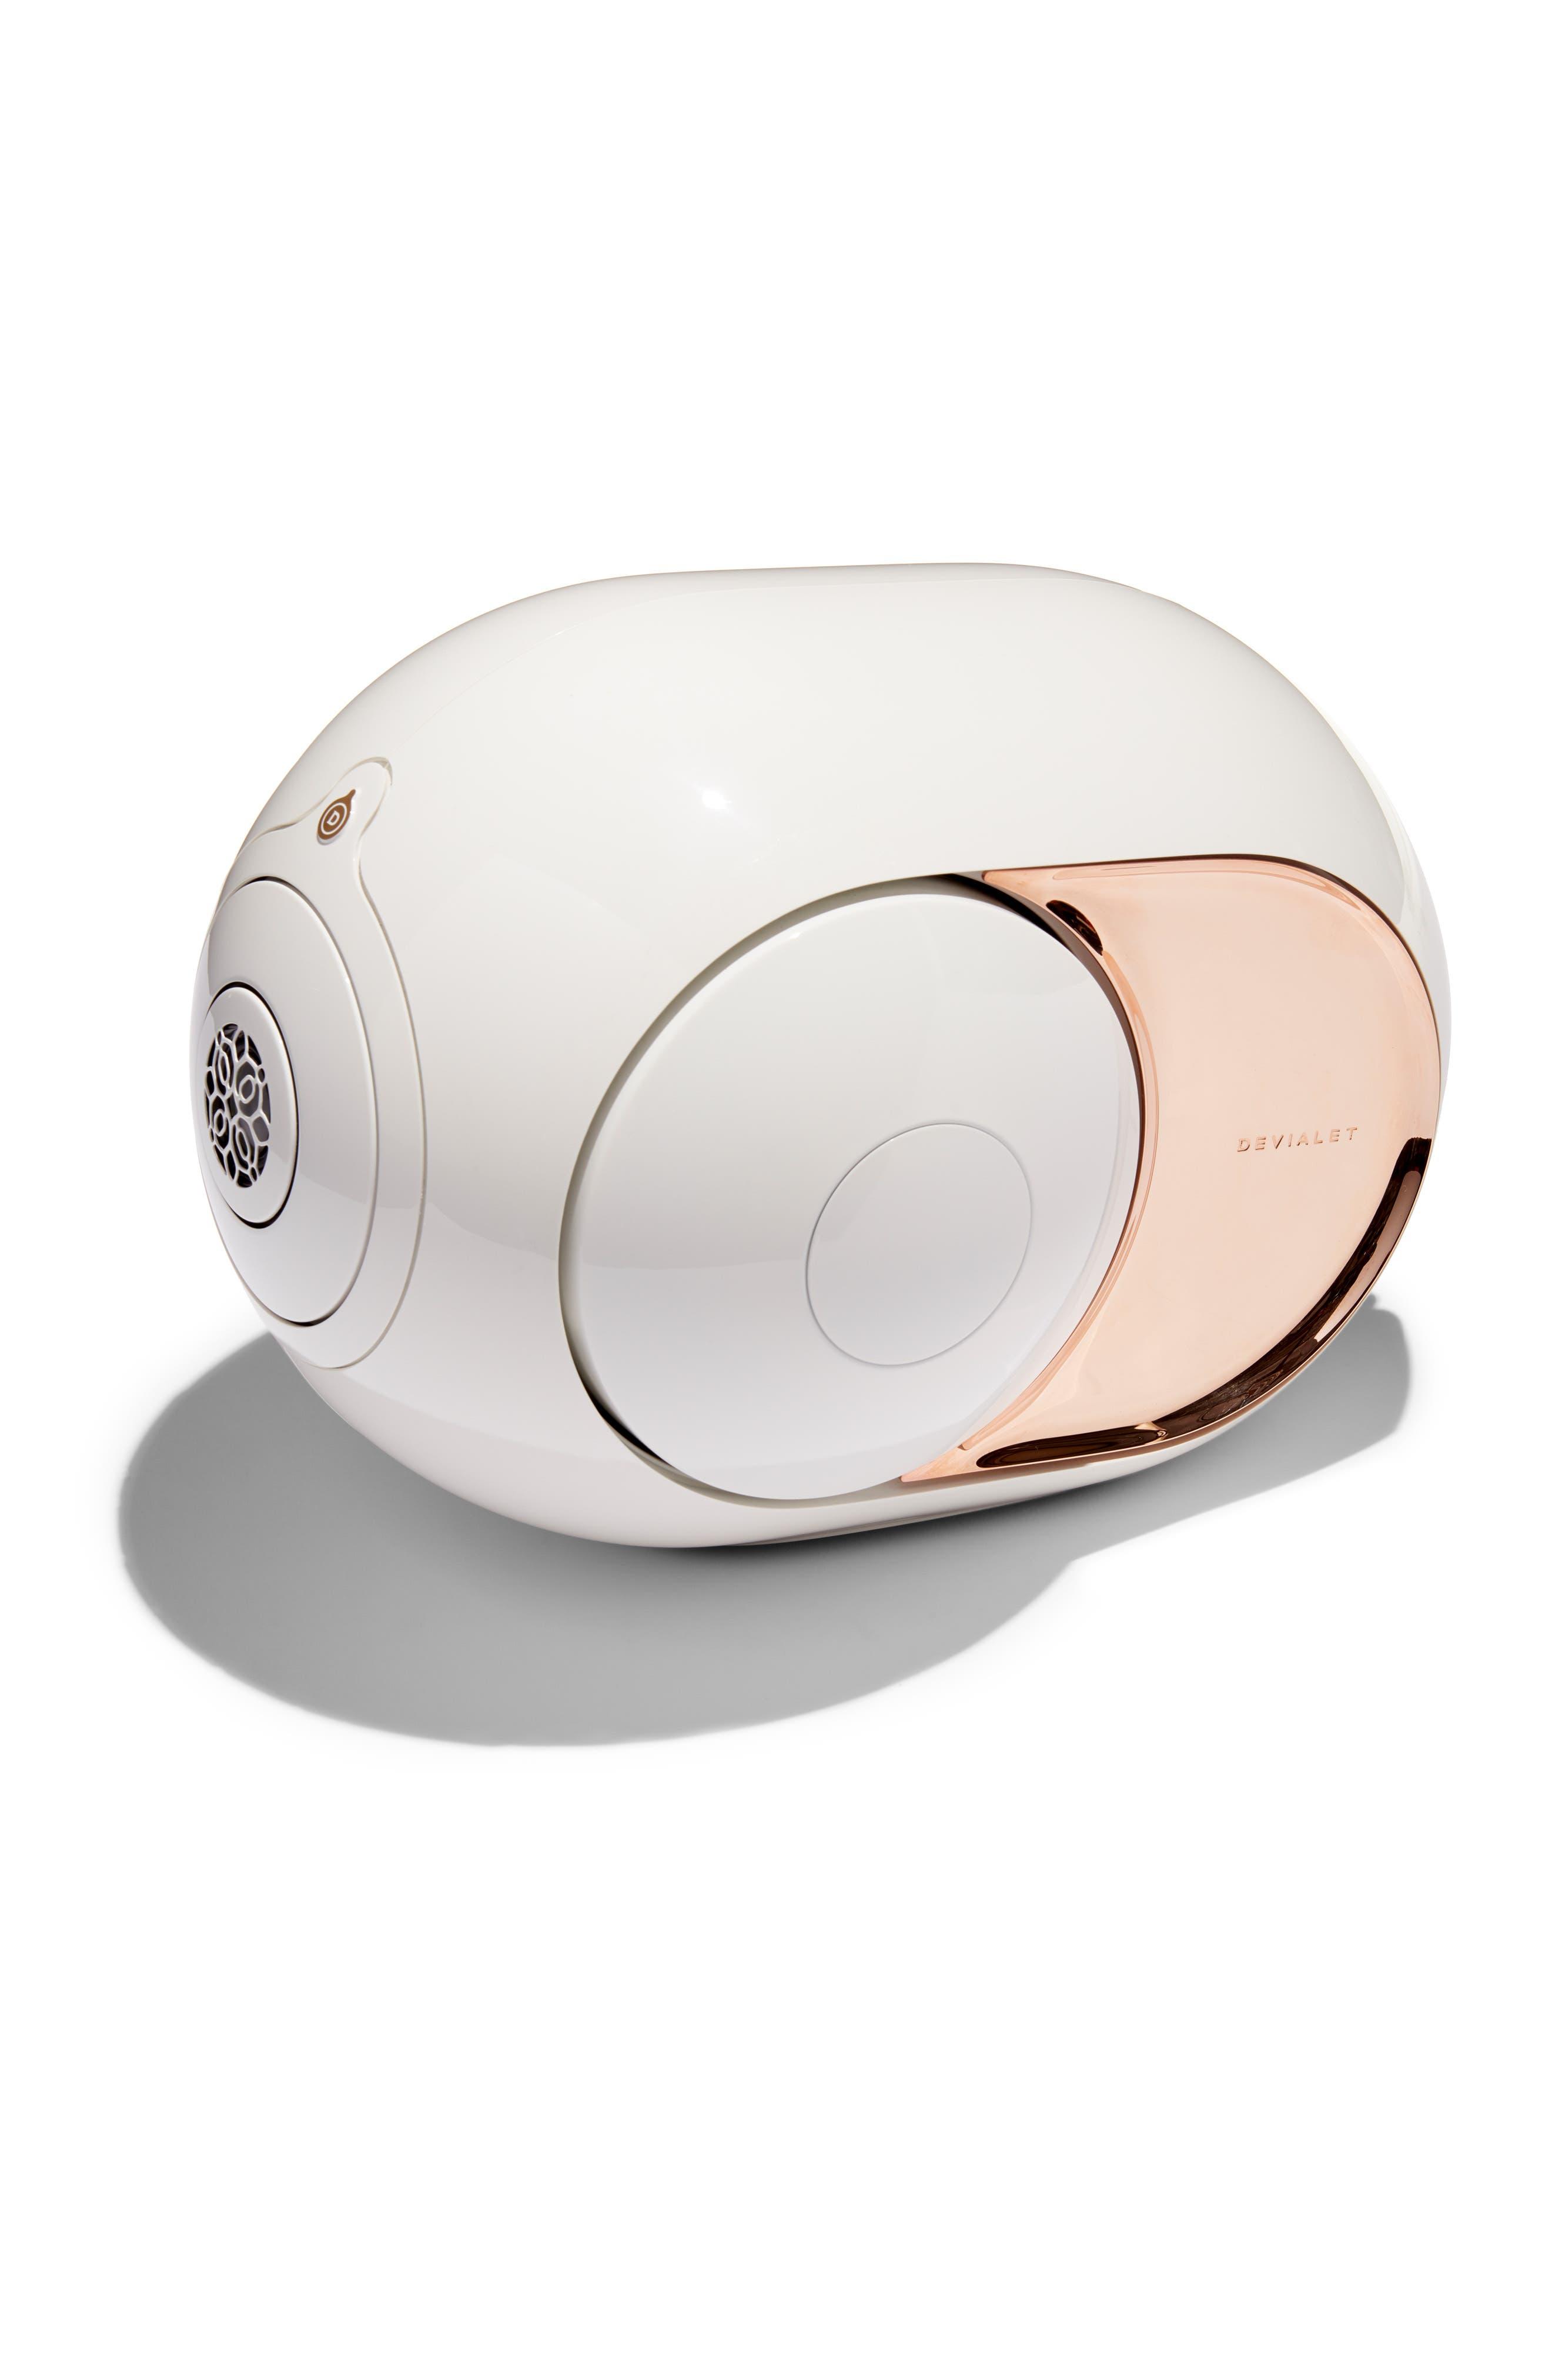 Gold Phantom Wireless Speaker,                             Main thumbnail 1, color,                             WHITE/ GOLD